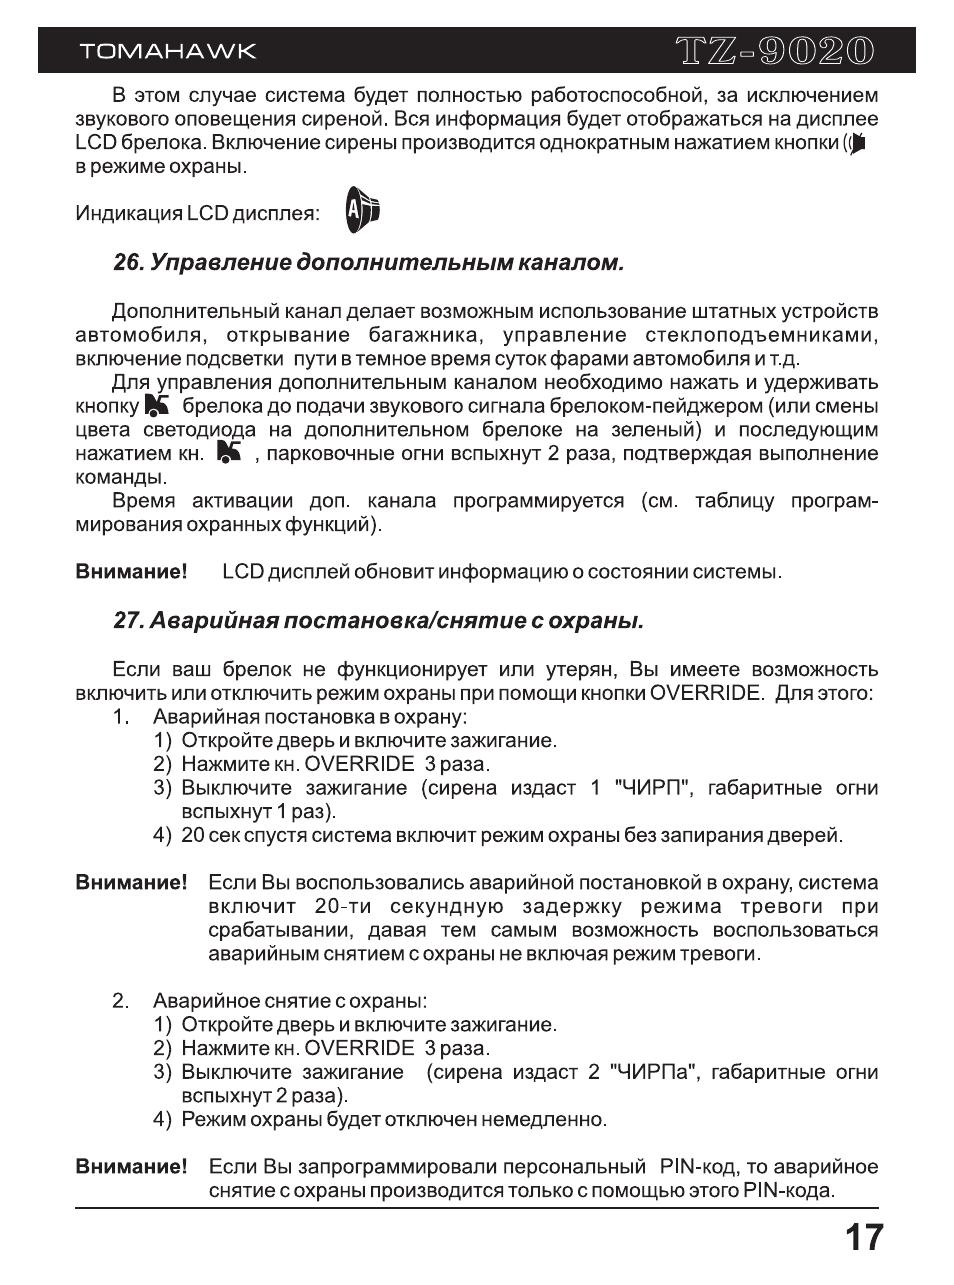 Изменения в инструкцию 191н в 2016 году